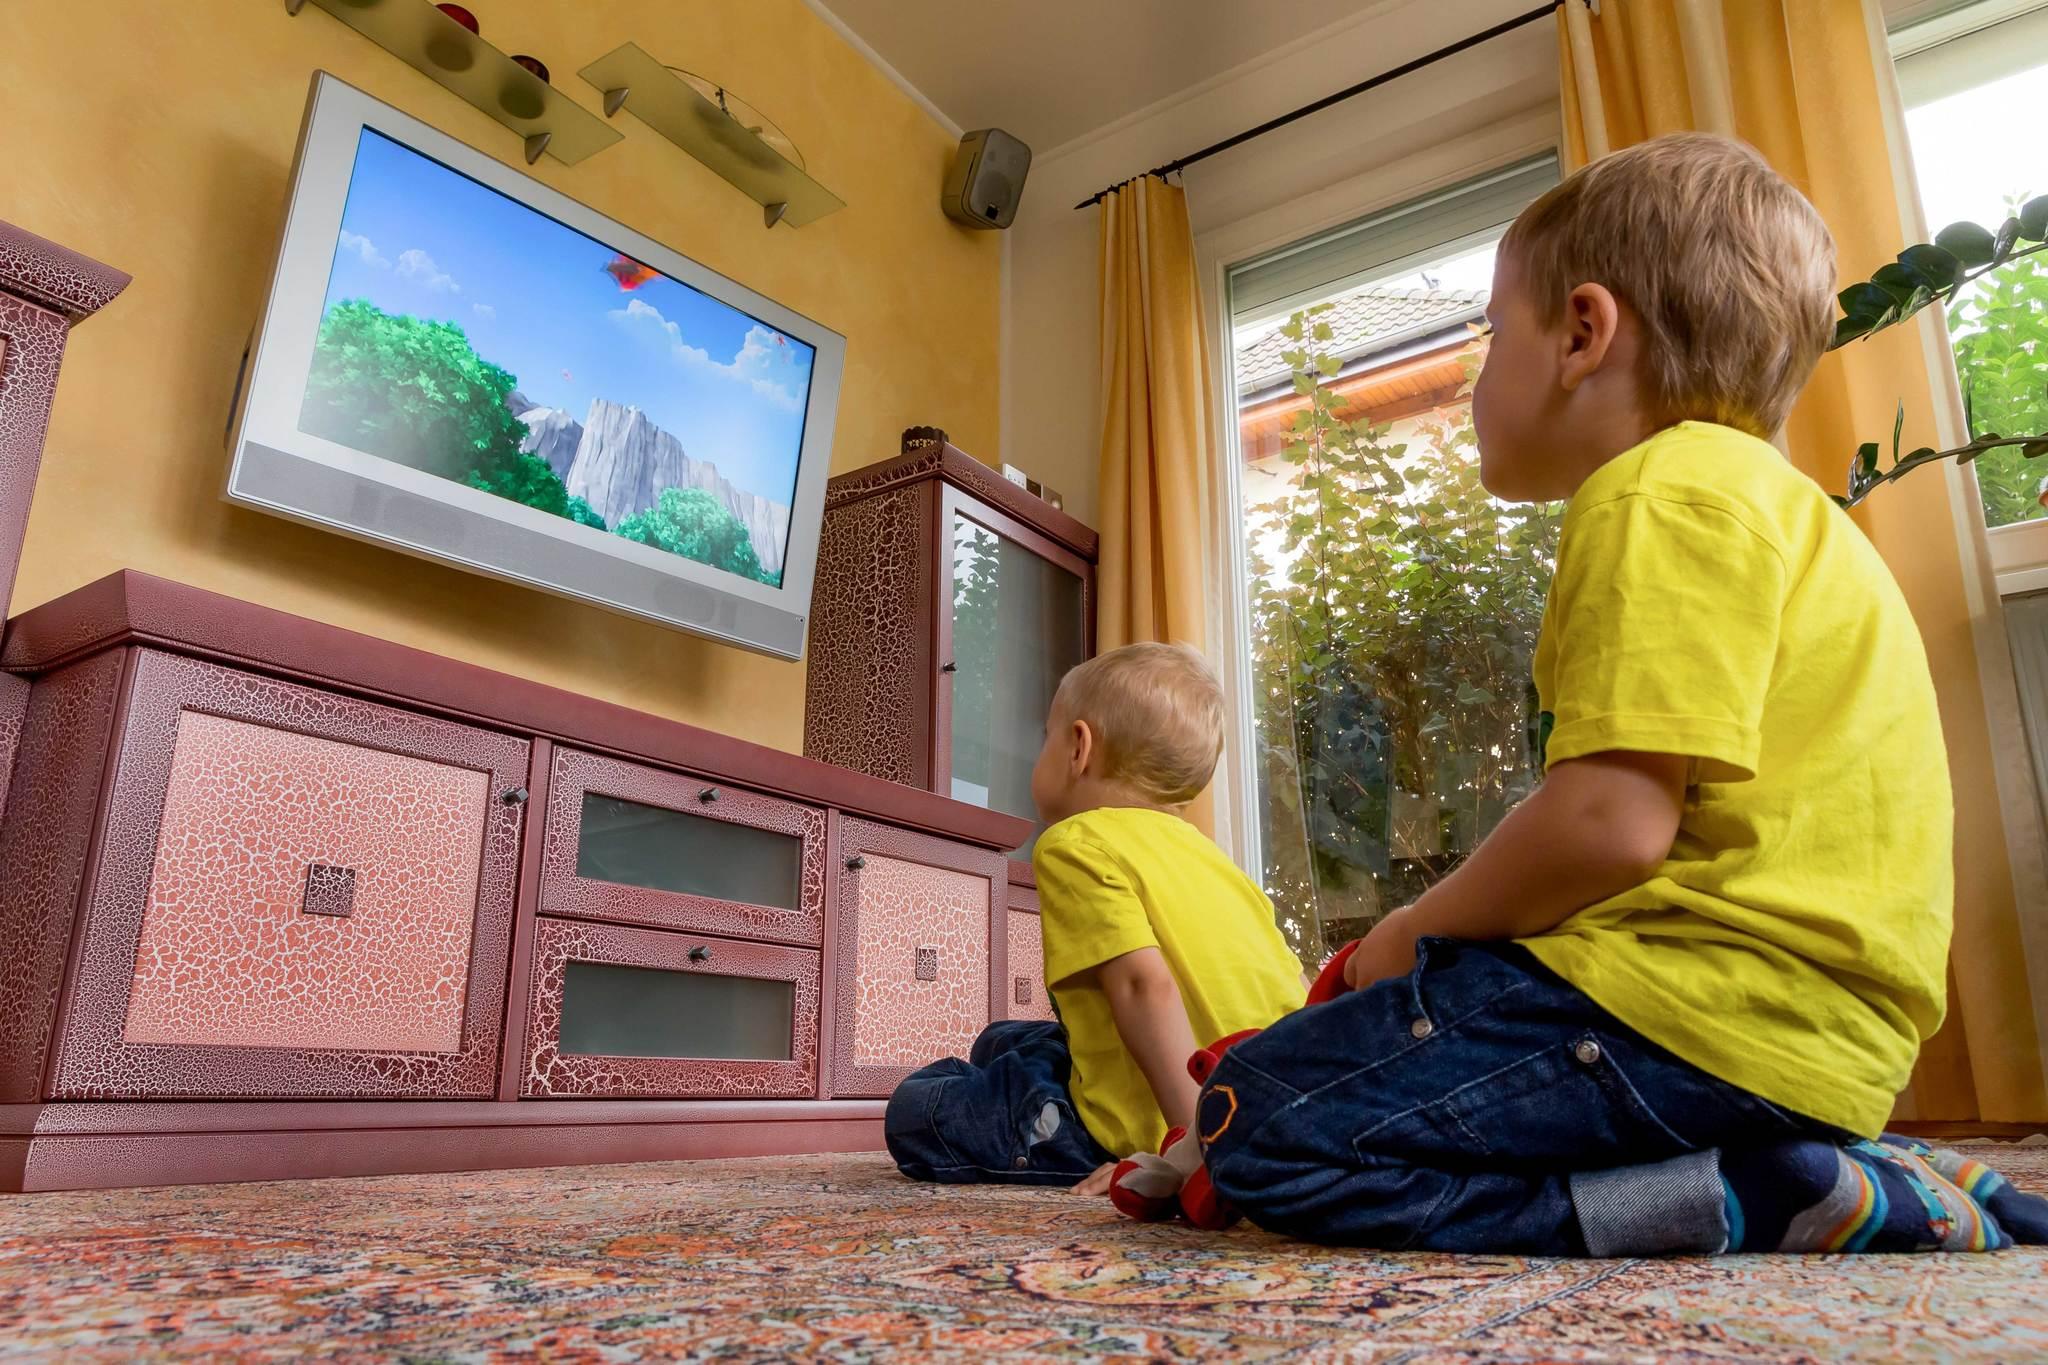 Dos hermanos viendo la tele.